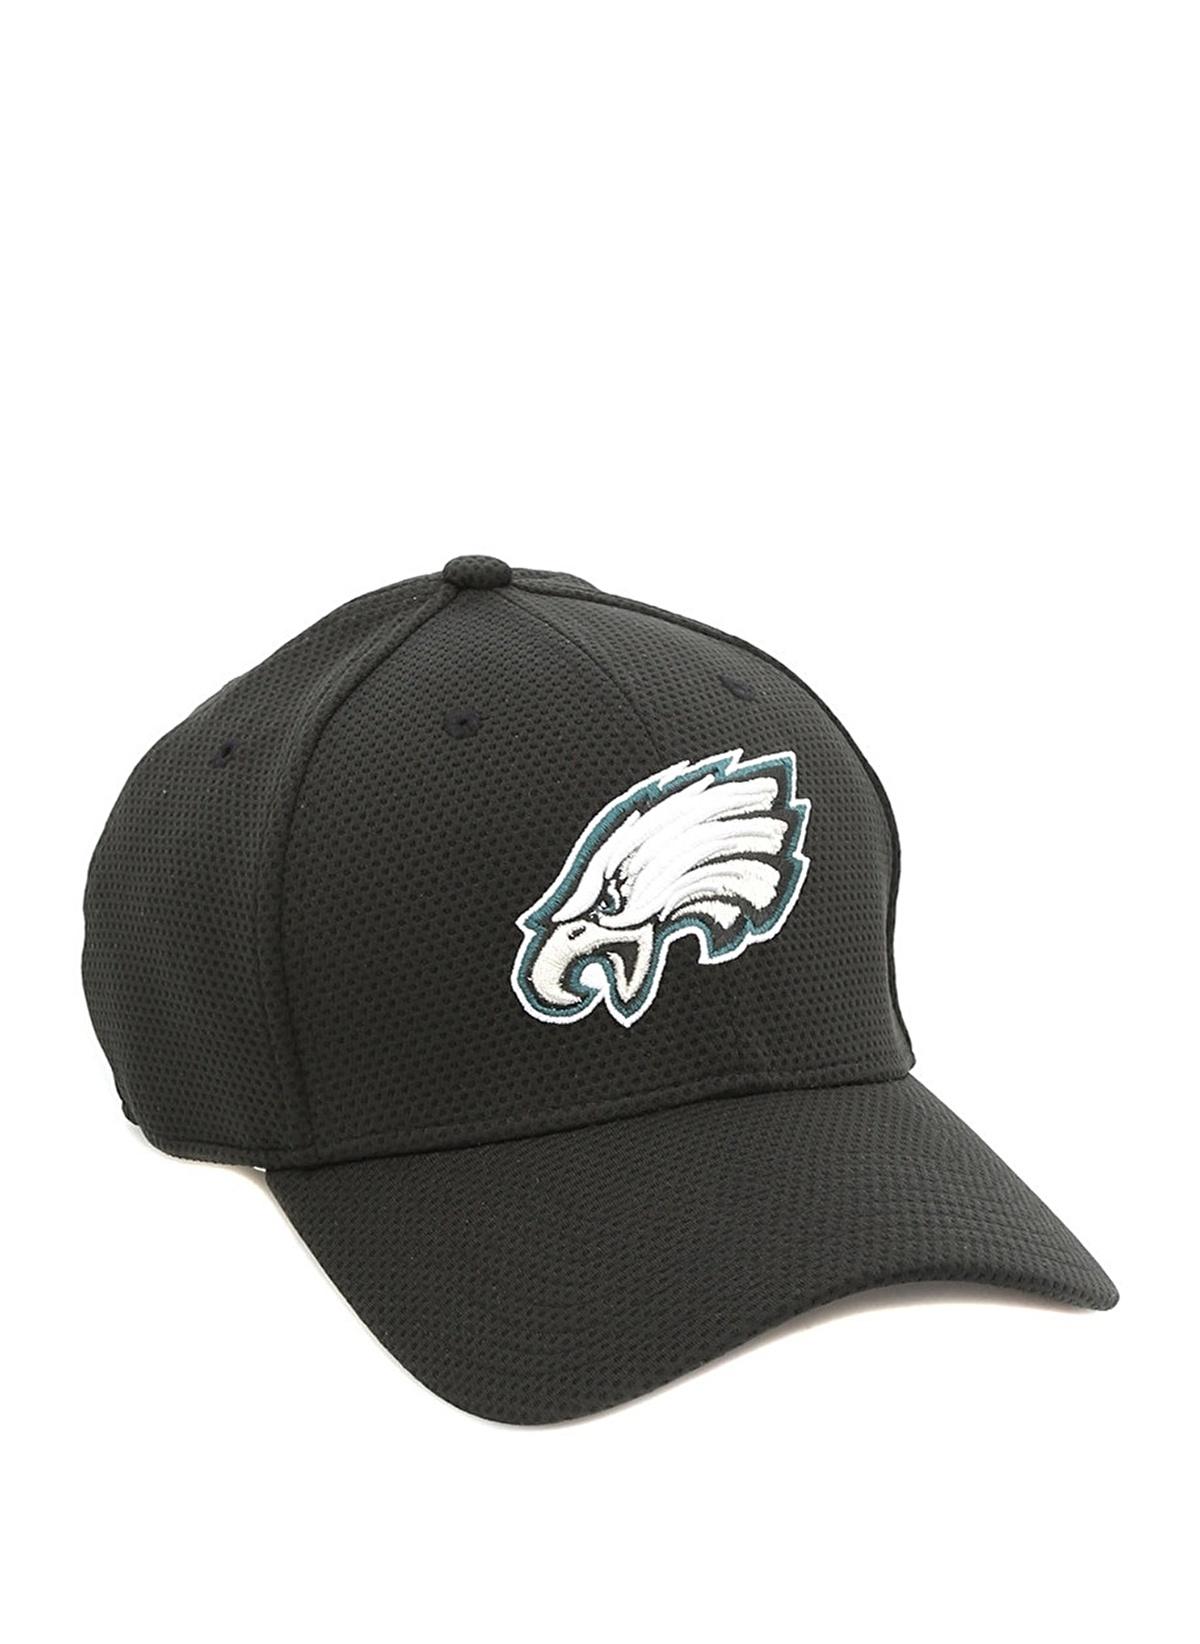 New Era Erkek Şapka Siyah  3d1be1a581